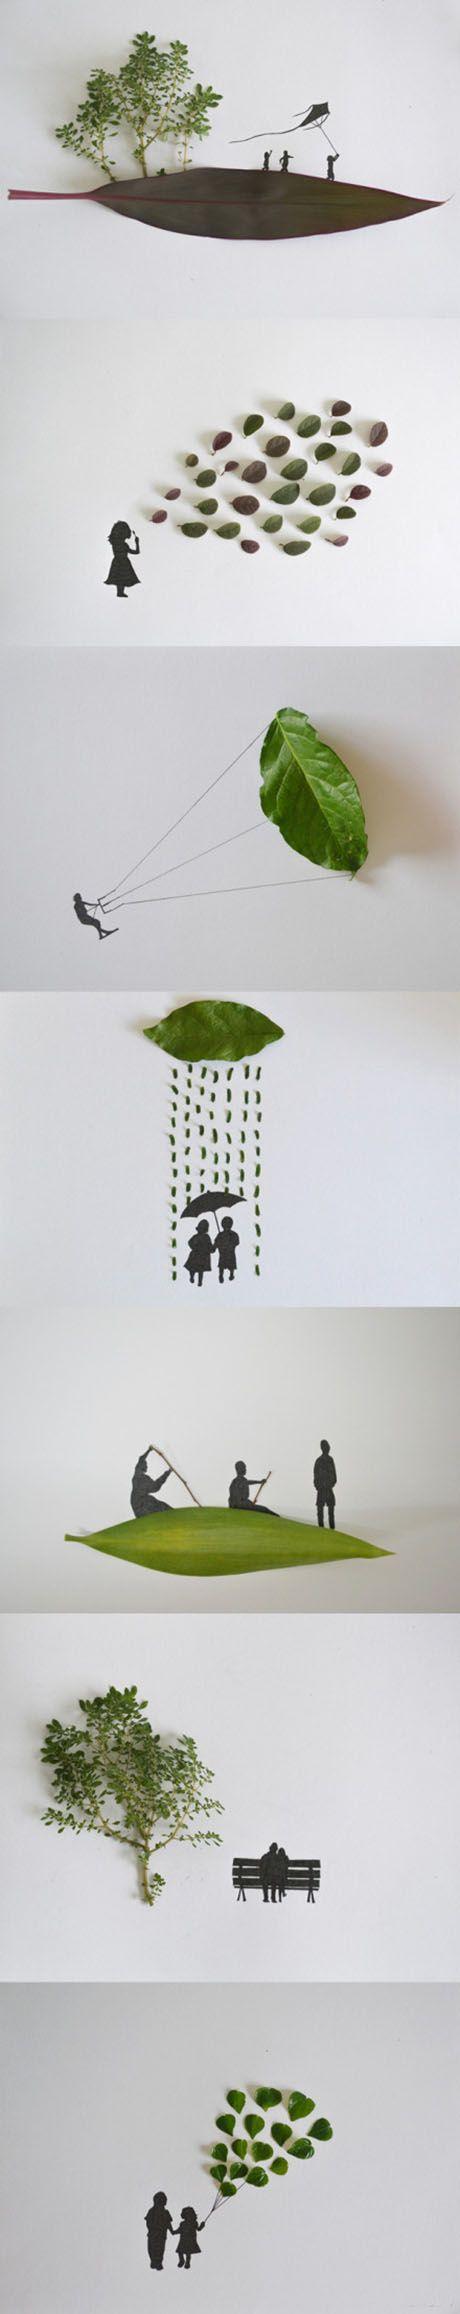 quadri con le foglie - 7e6248abjw1ebzga41ks4j20go2bv45z